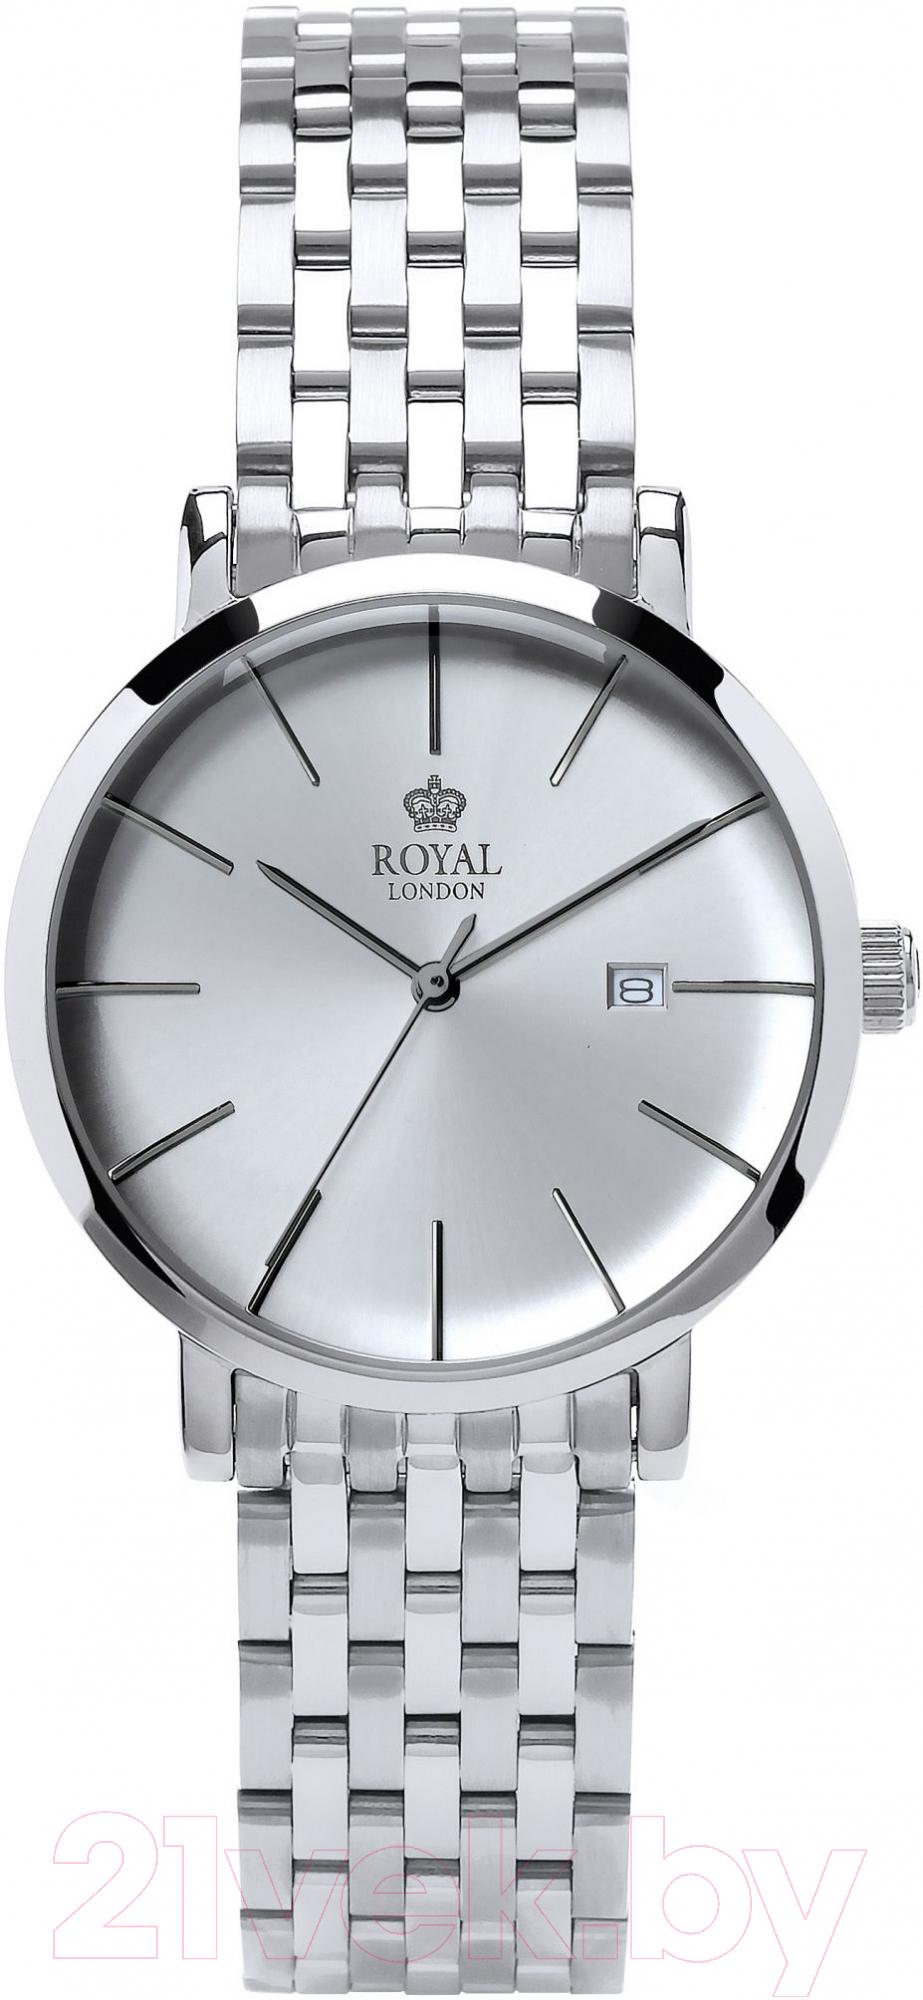 Купить Часы наручные женские Royal London, 21346-02, Великобритания